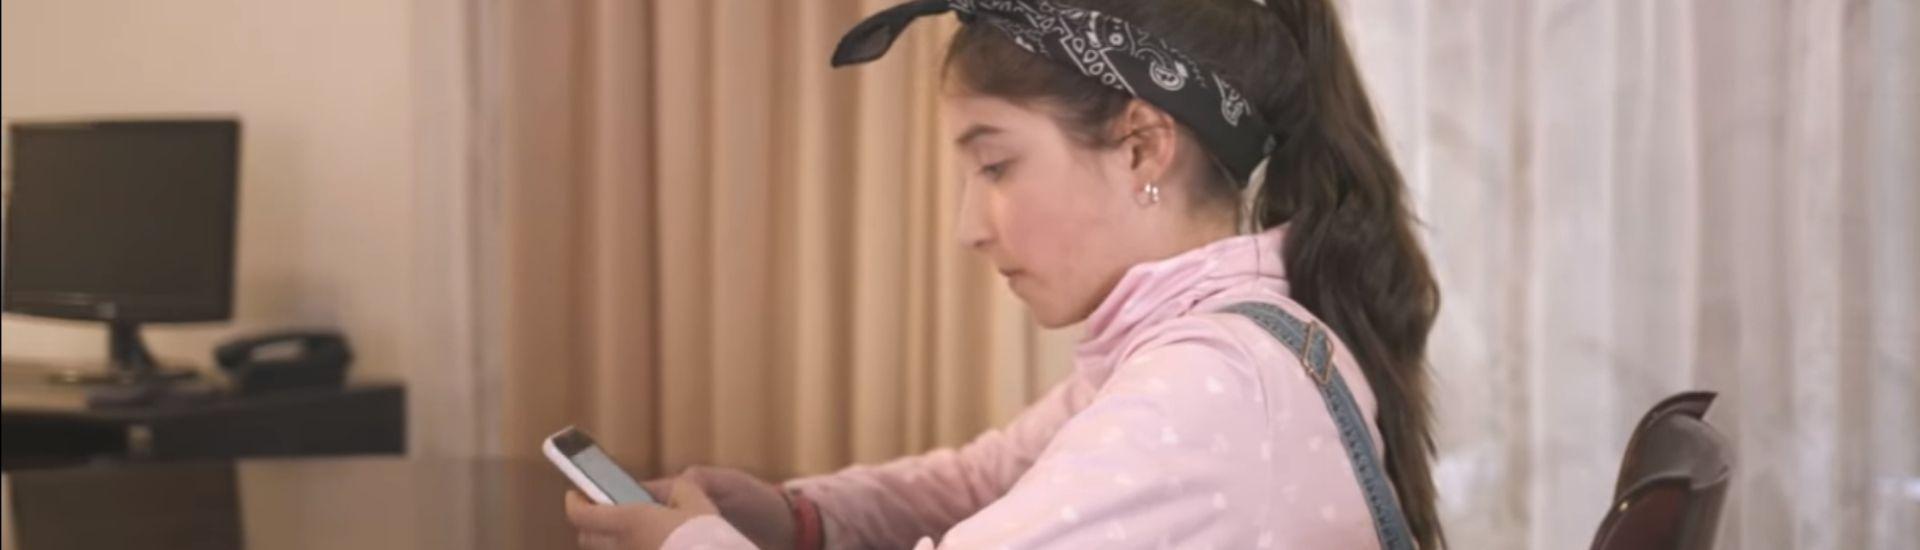 Imagen captura de pantalla del video del cntv